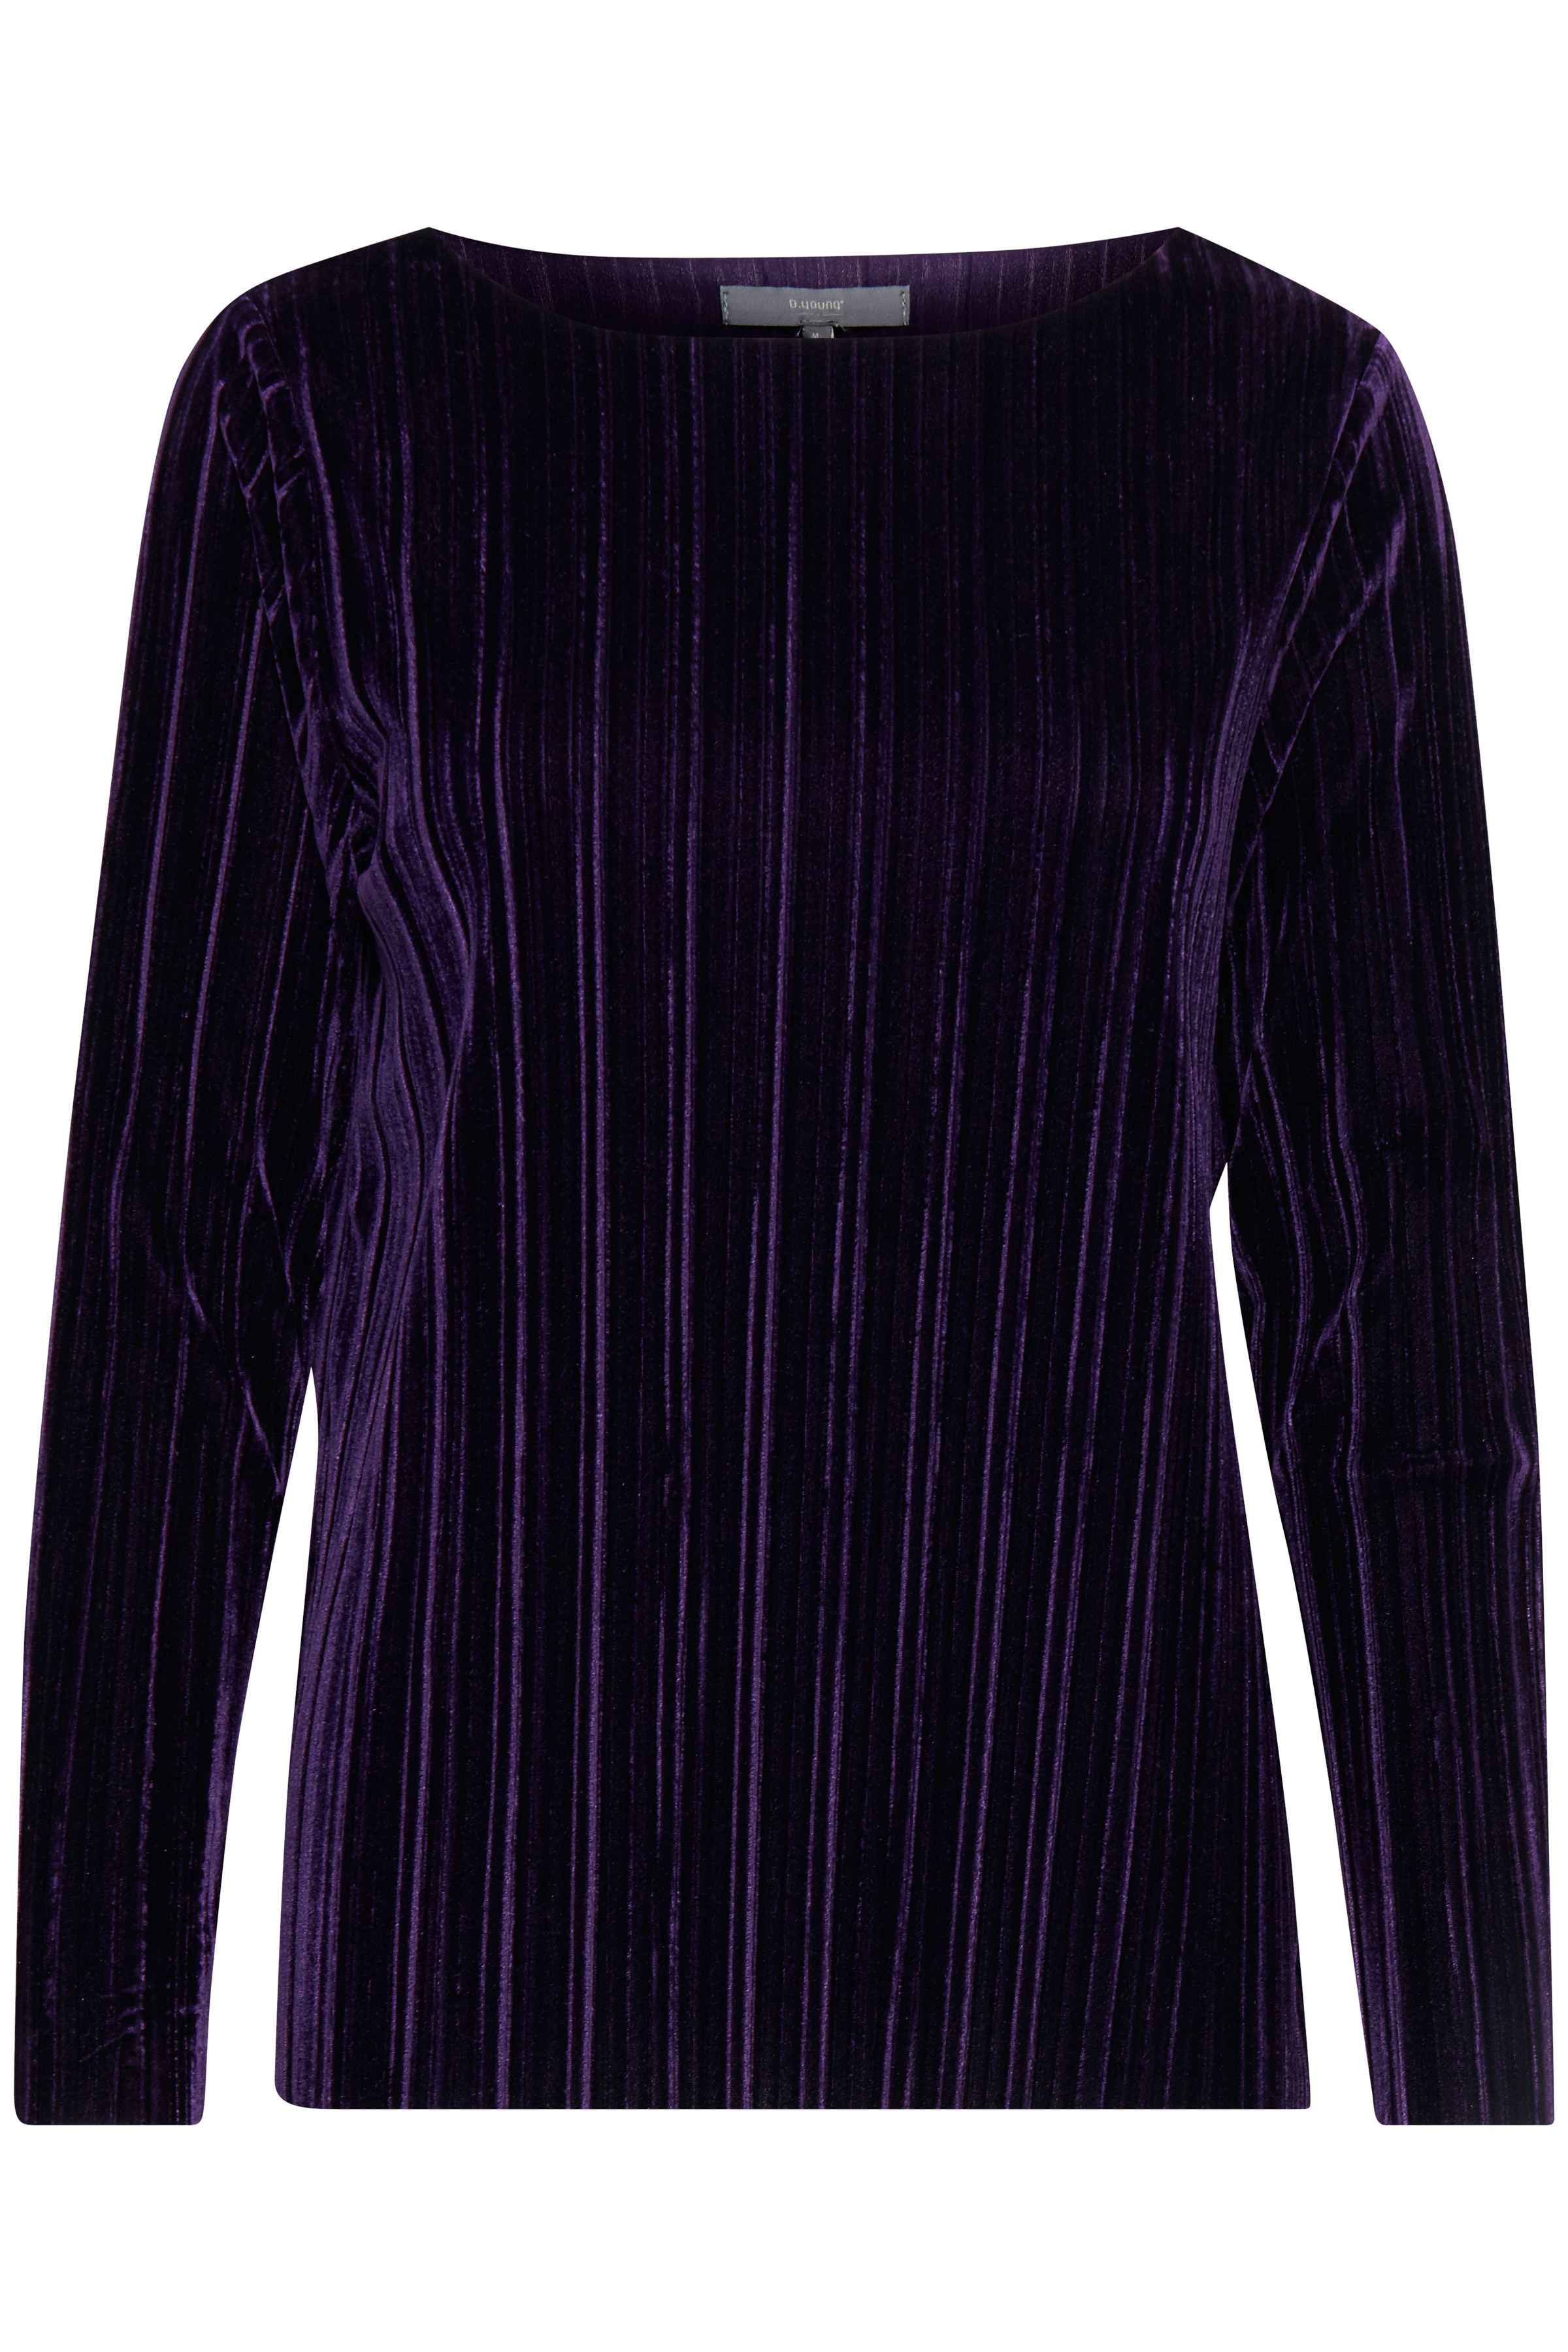 Blackberry Purple Långärmed T-shirt från b.young – Köp Blackberry Purple Långärmed T-shirt från storlek S-XXL här